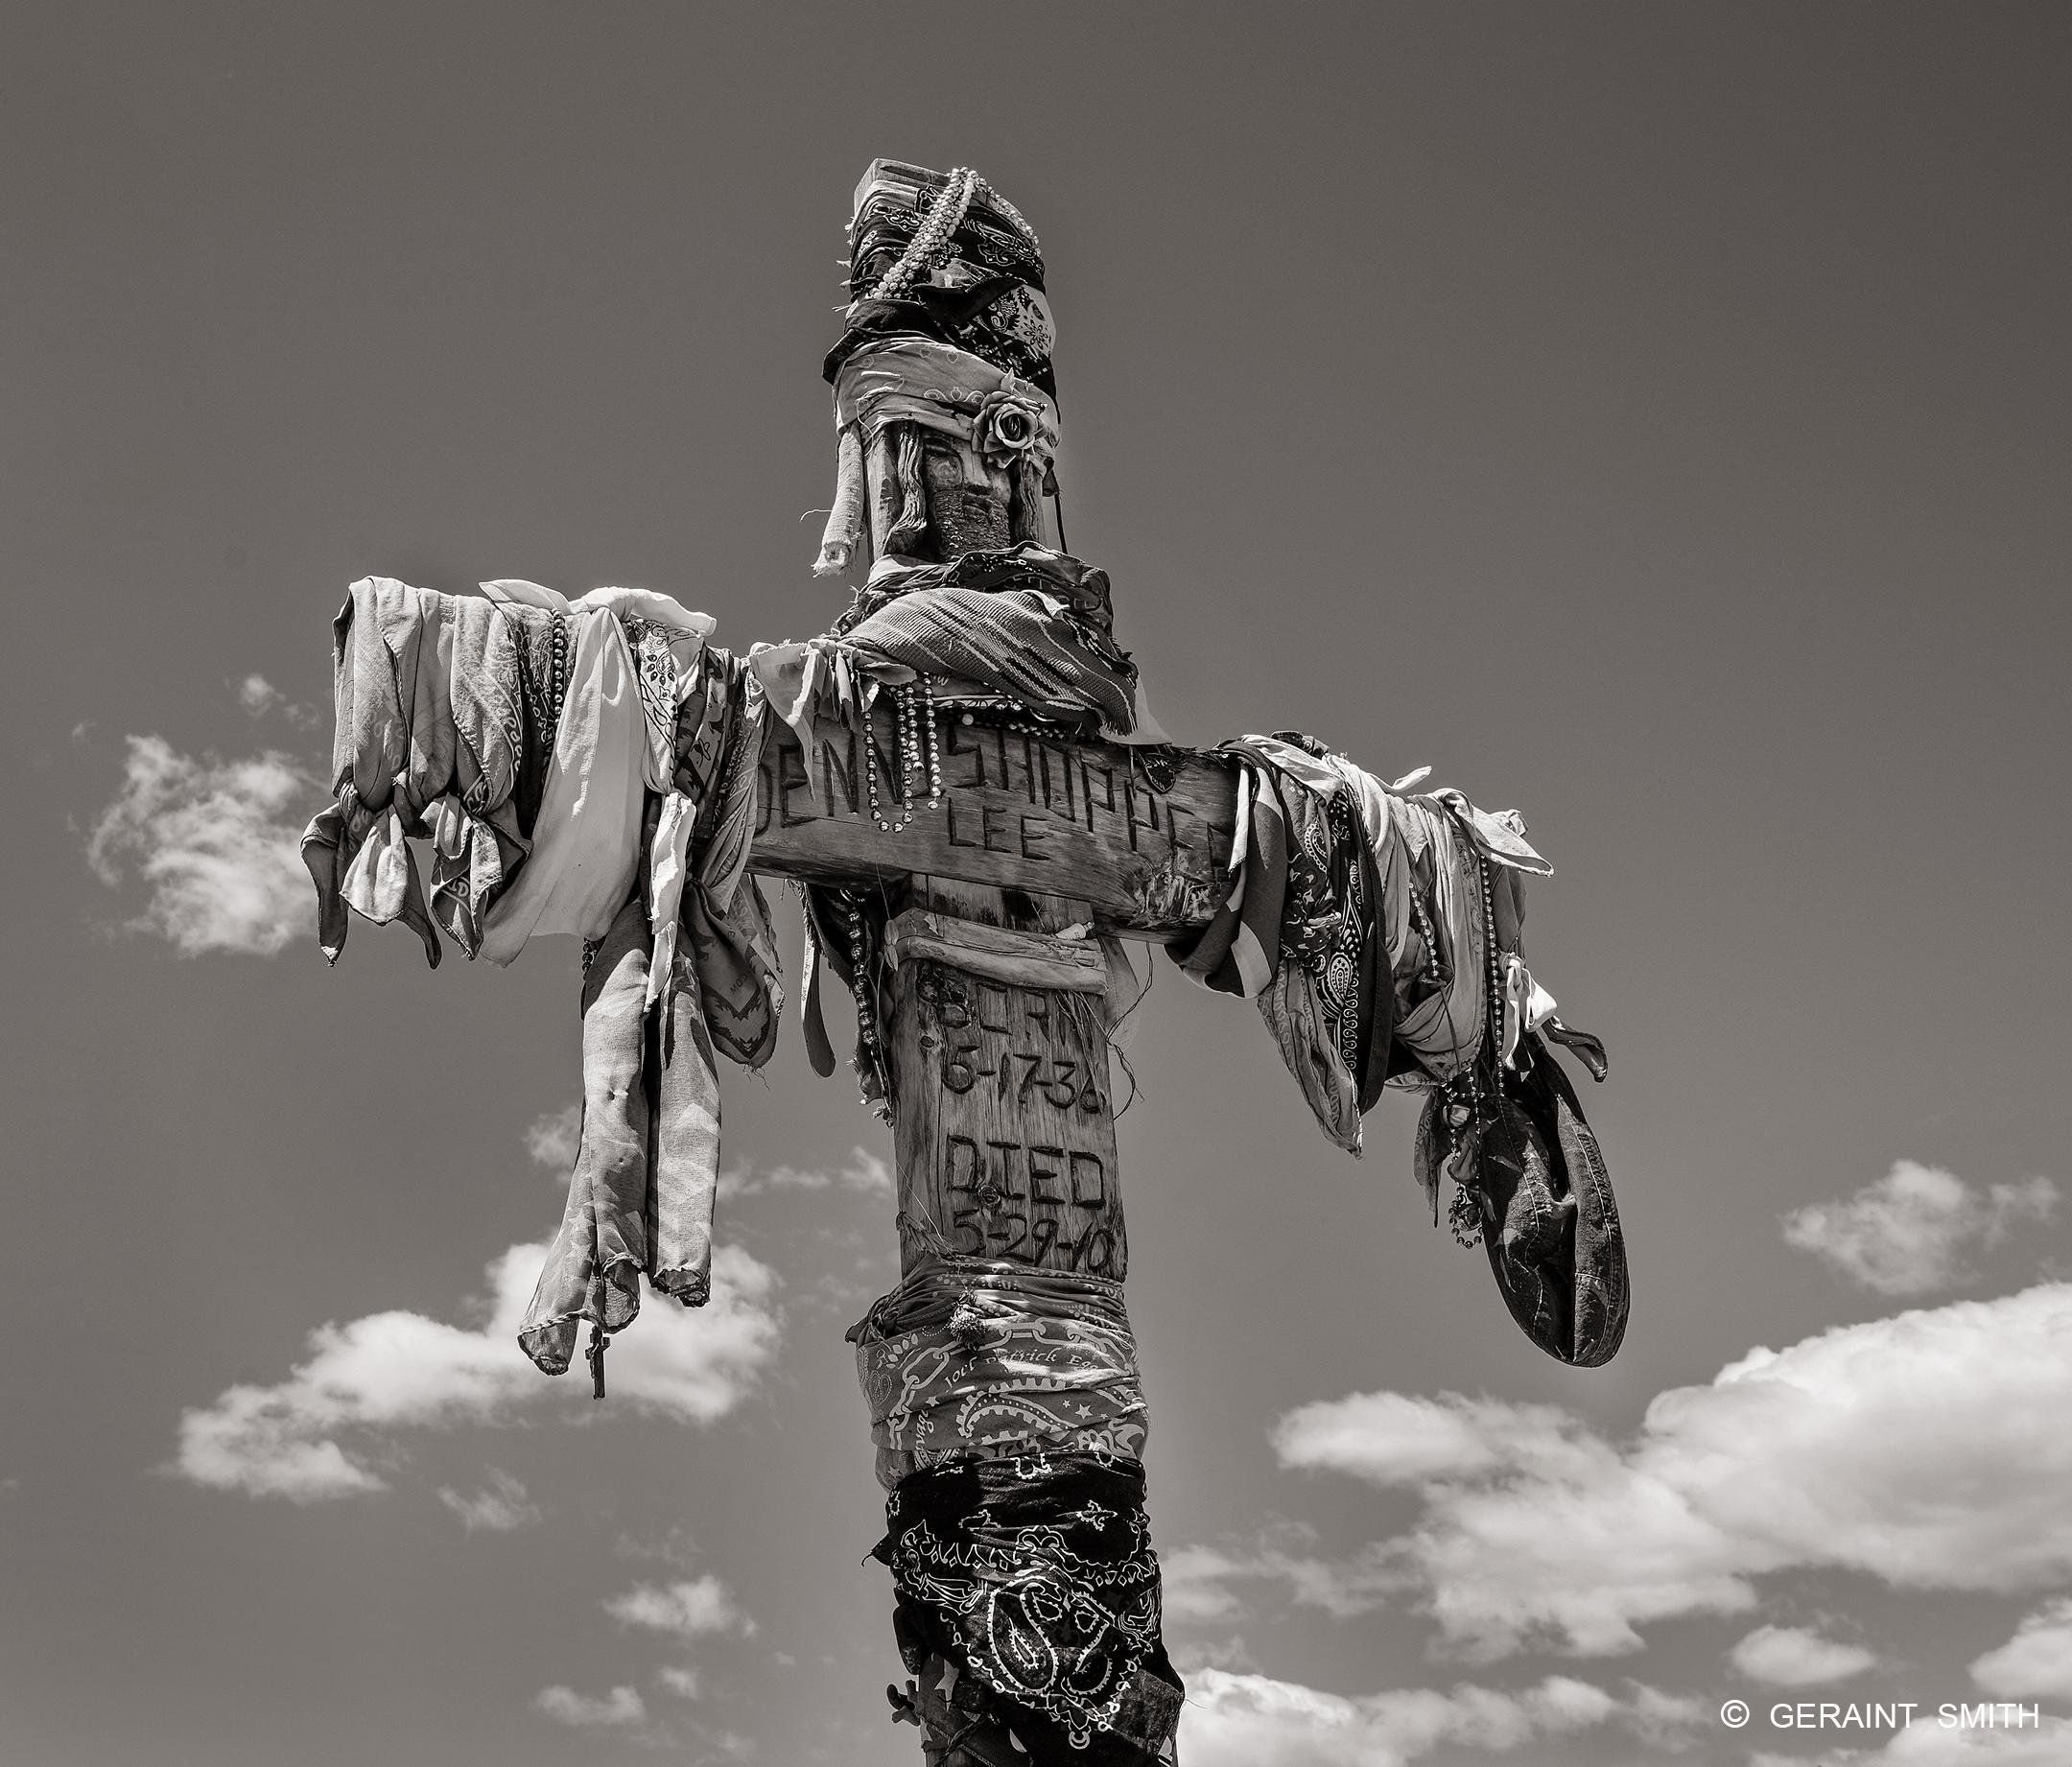 Dennis Hopper's last resting place, Ranchos de Taos, NM.